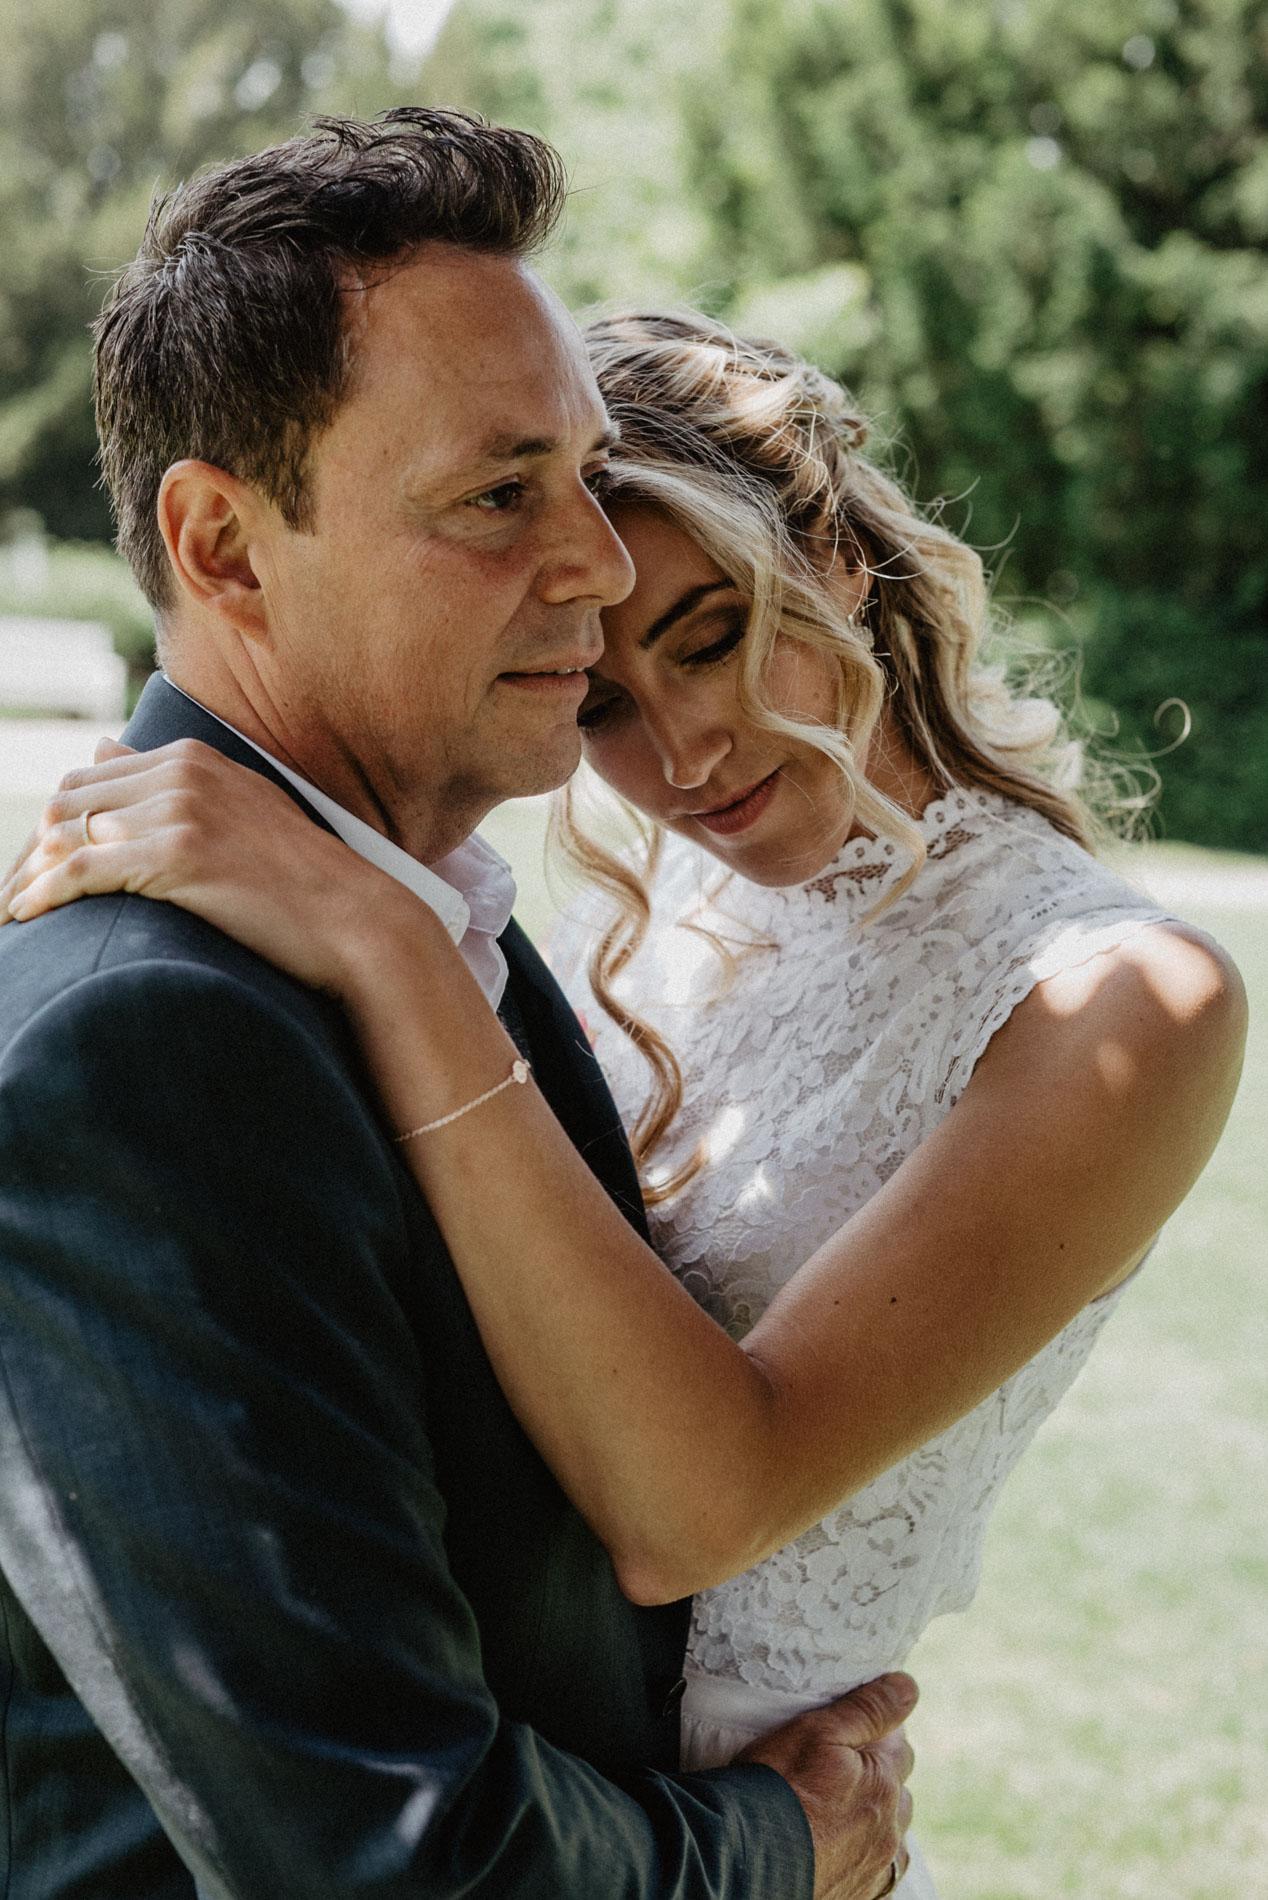 Hochzeitsfotograf Köln Bonn NRW Deutschland Destination Wedding_Oh lucy wedding Photography_Elena und Michael.jpg (1 von 1)-35.jpg